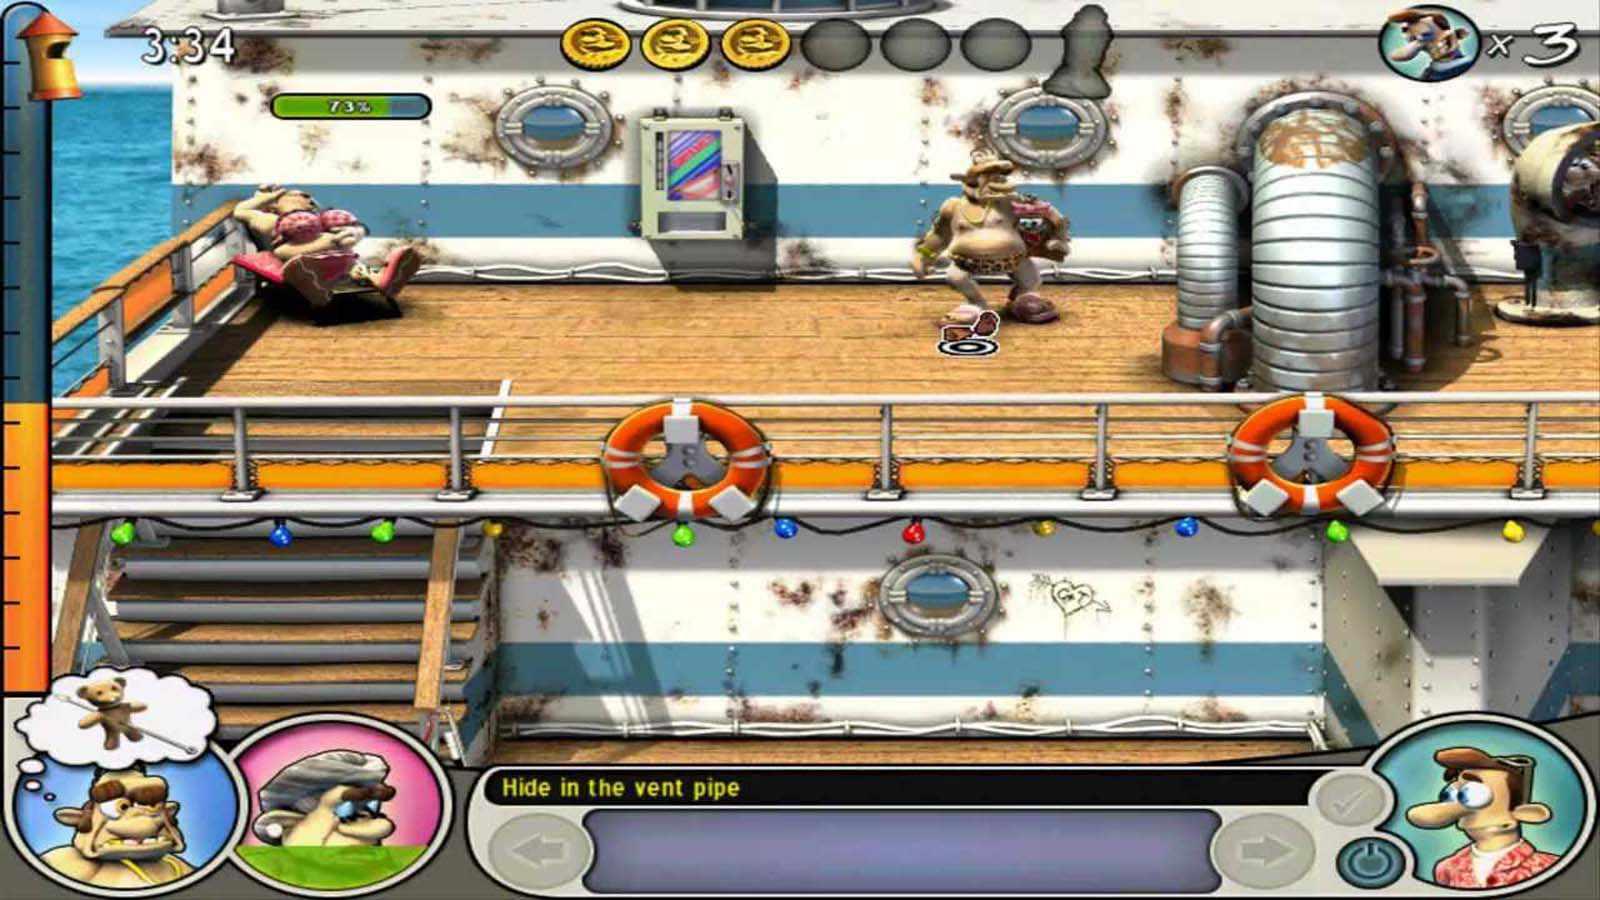 تحميل لعبة Neighbor From Hell 2 مضغوطة برابط واحد مباشر كاملة مجانا